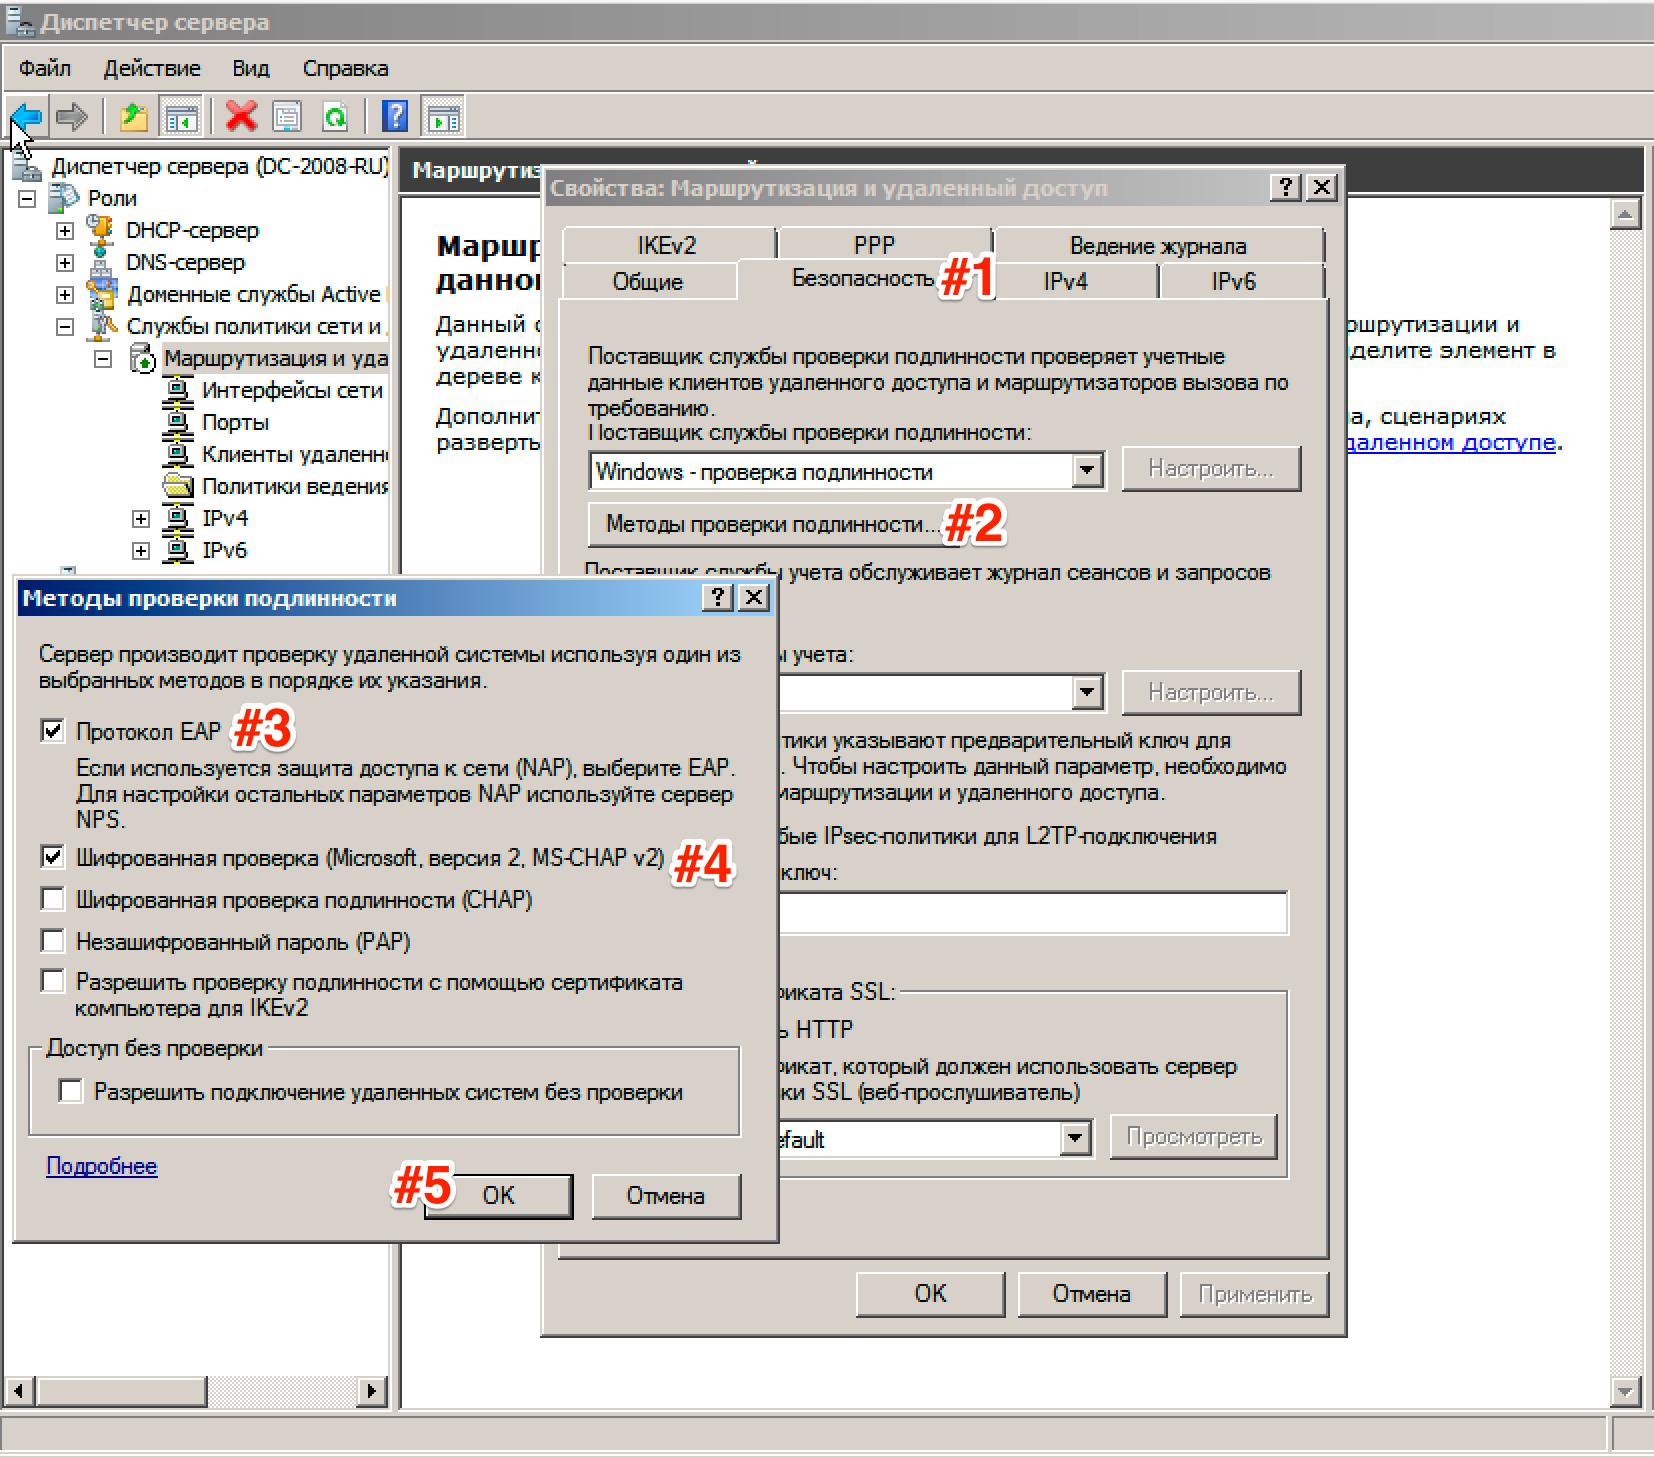 Установка и настройка vpn l2tp сервера на windows server 2008 как сделать оценить на сайте